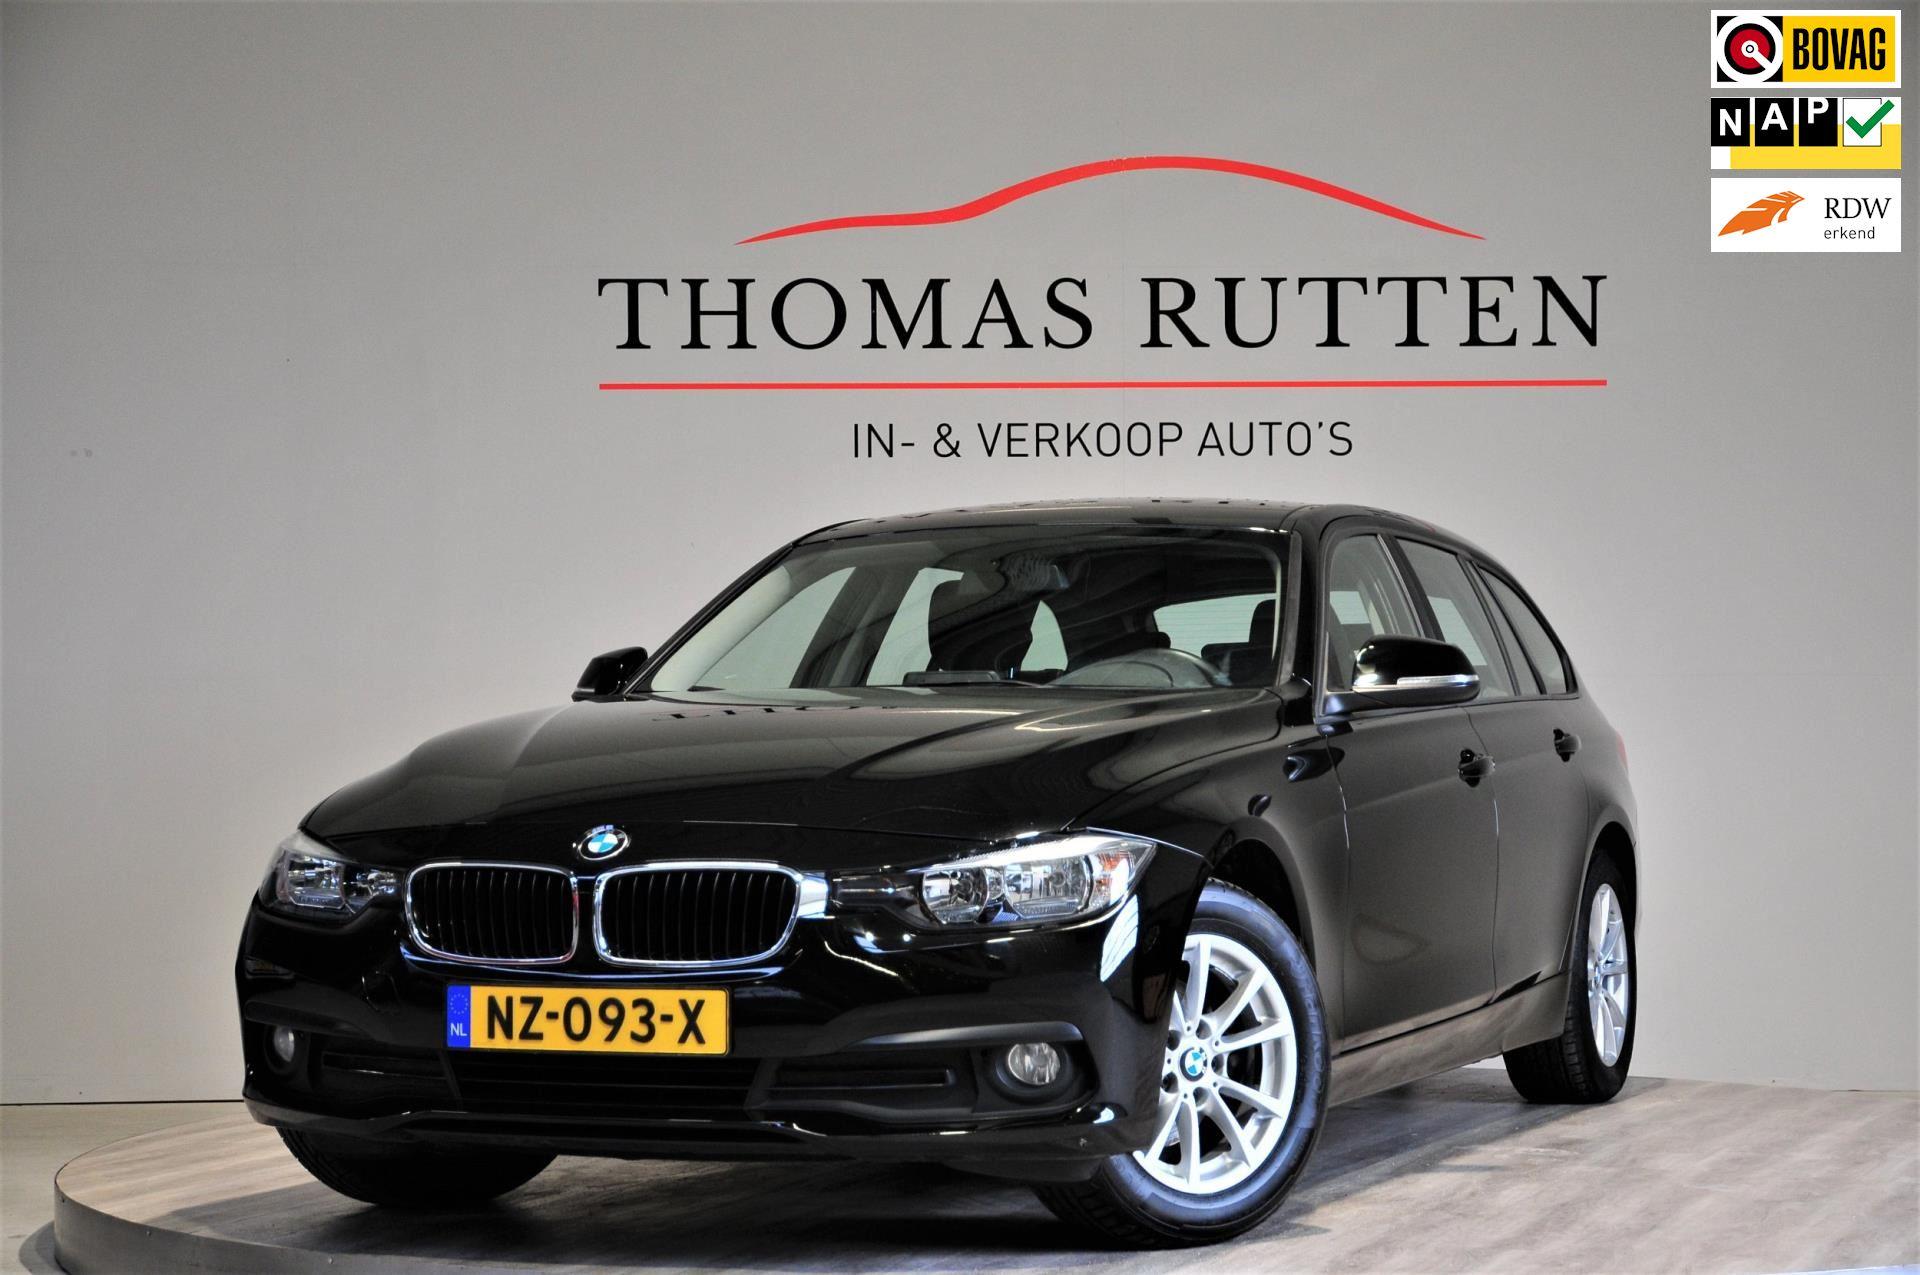 BMW 3-serie Touring occasion - Autobedrijf Thomas Rutten